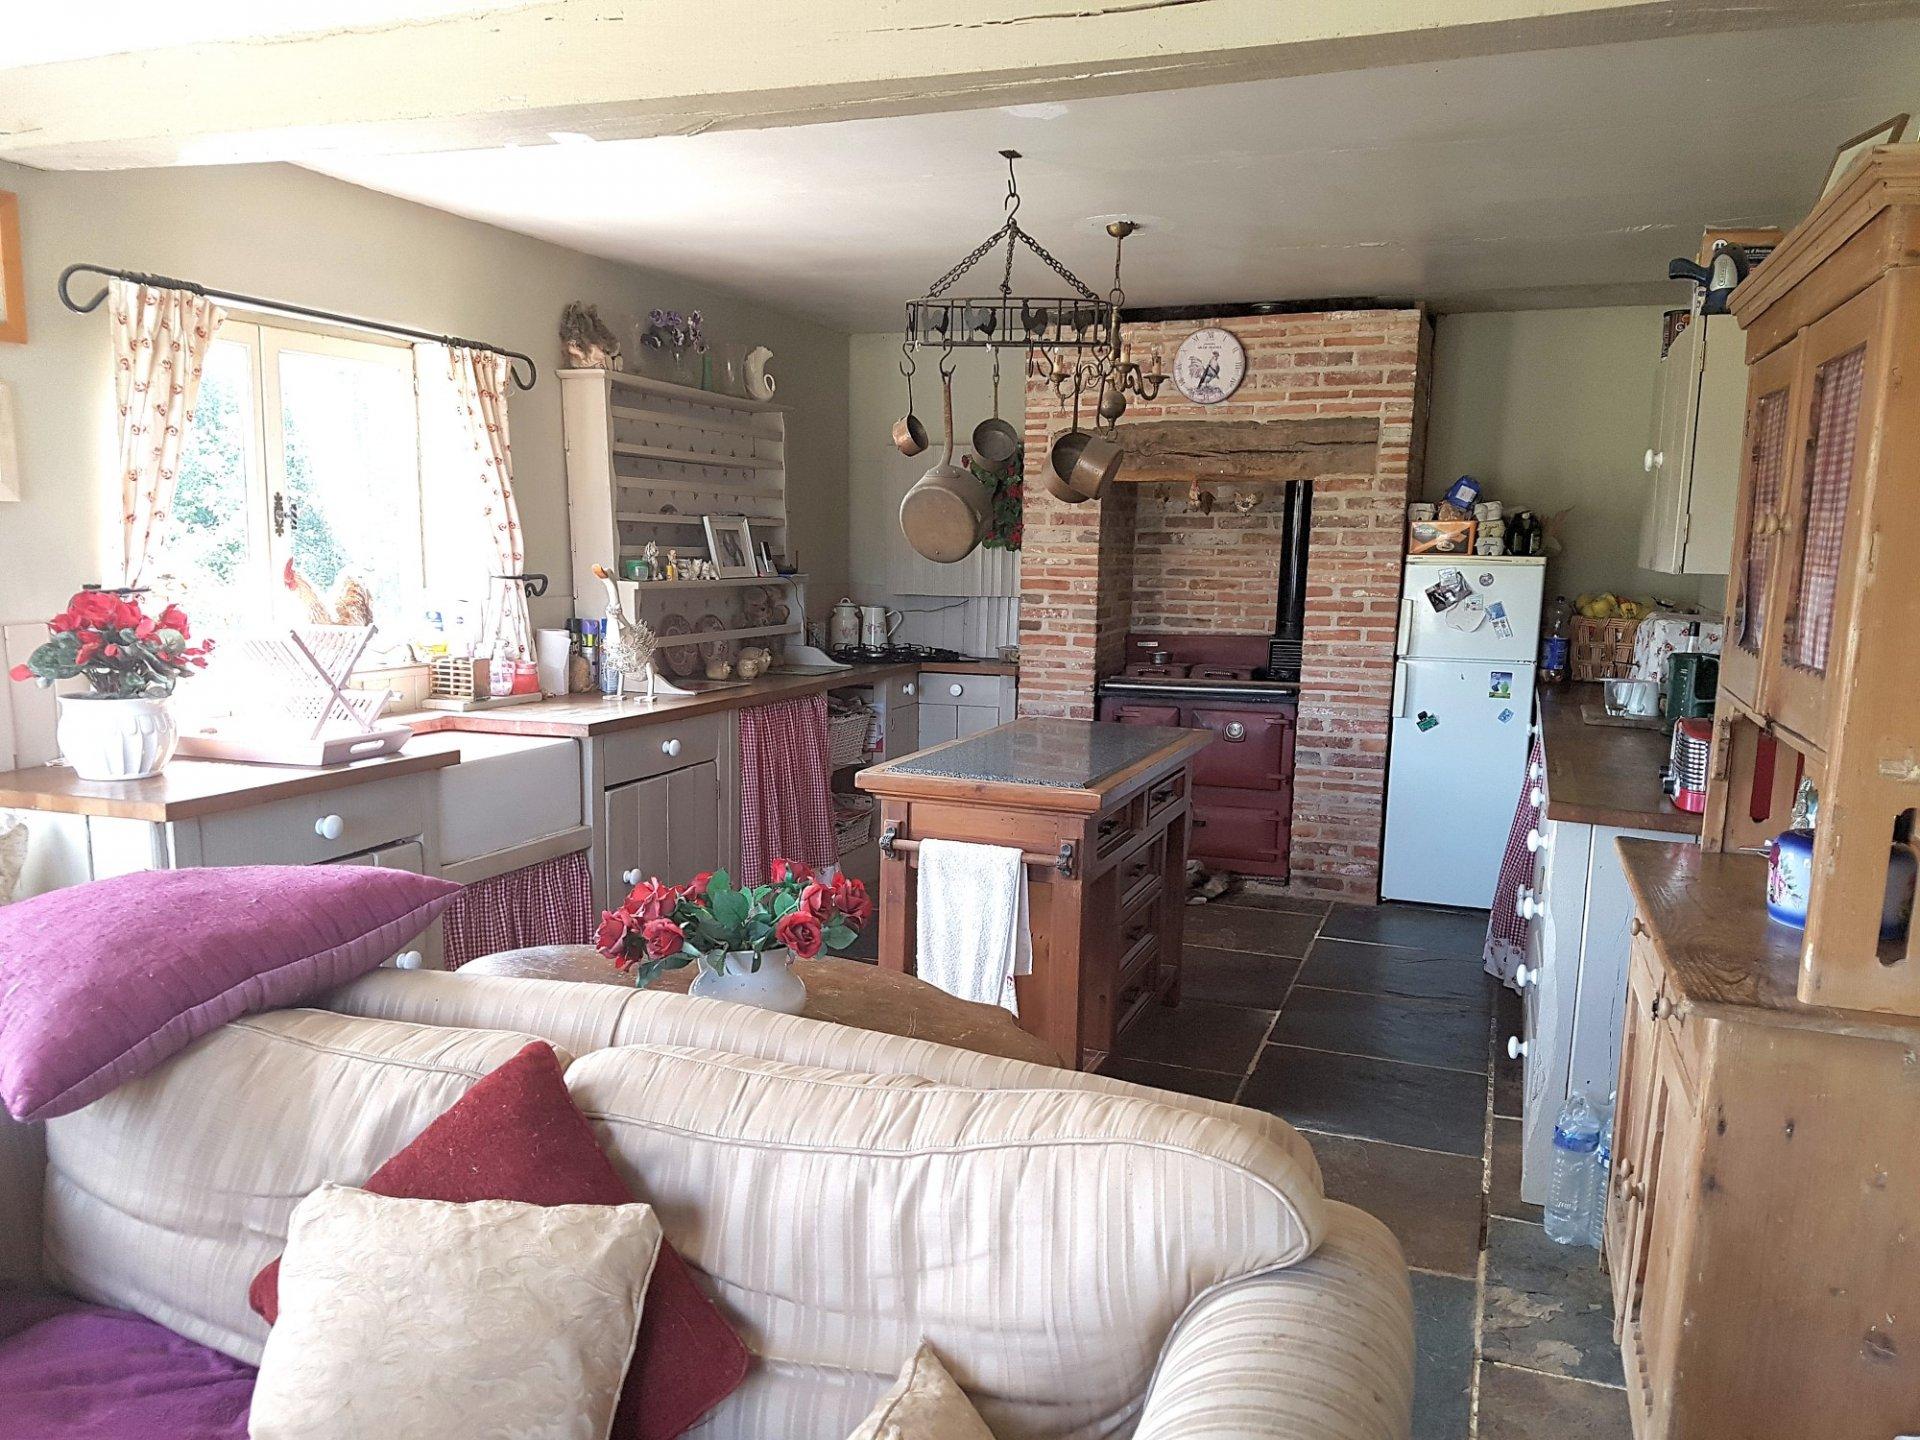 Maison avec terrain à vendre dans le sud de la Brenne 36